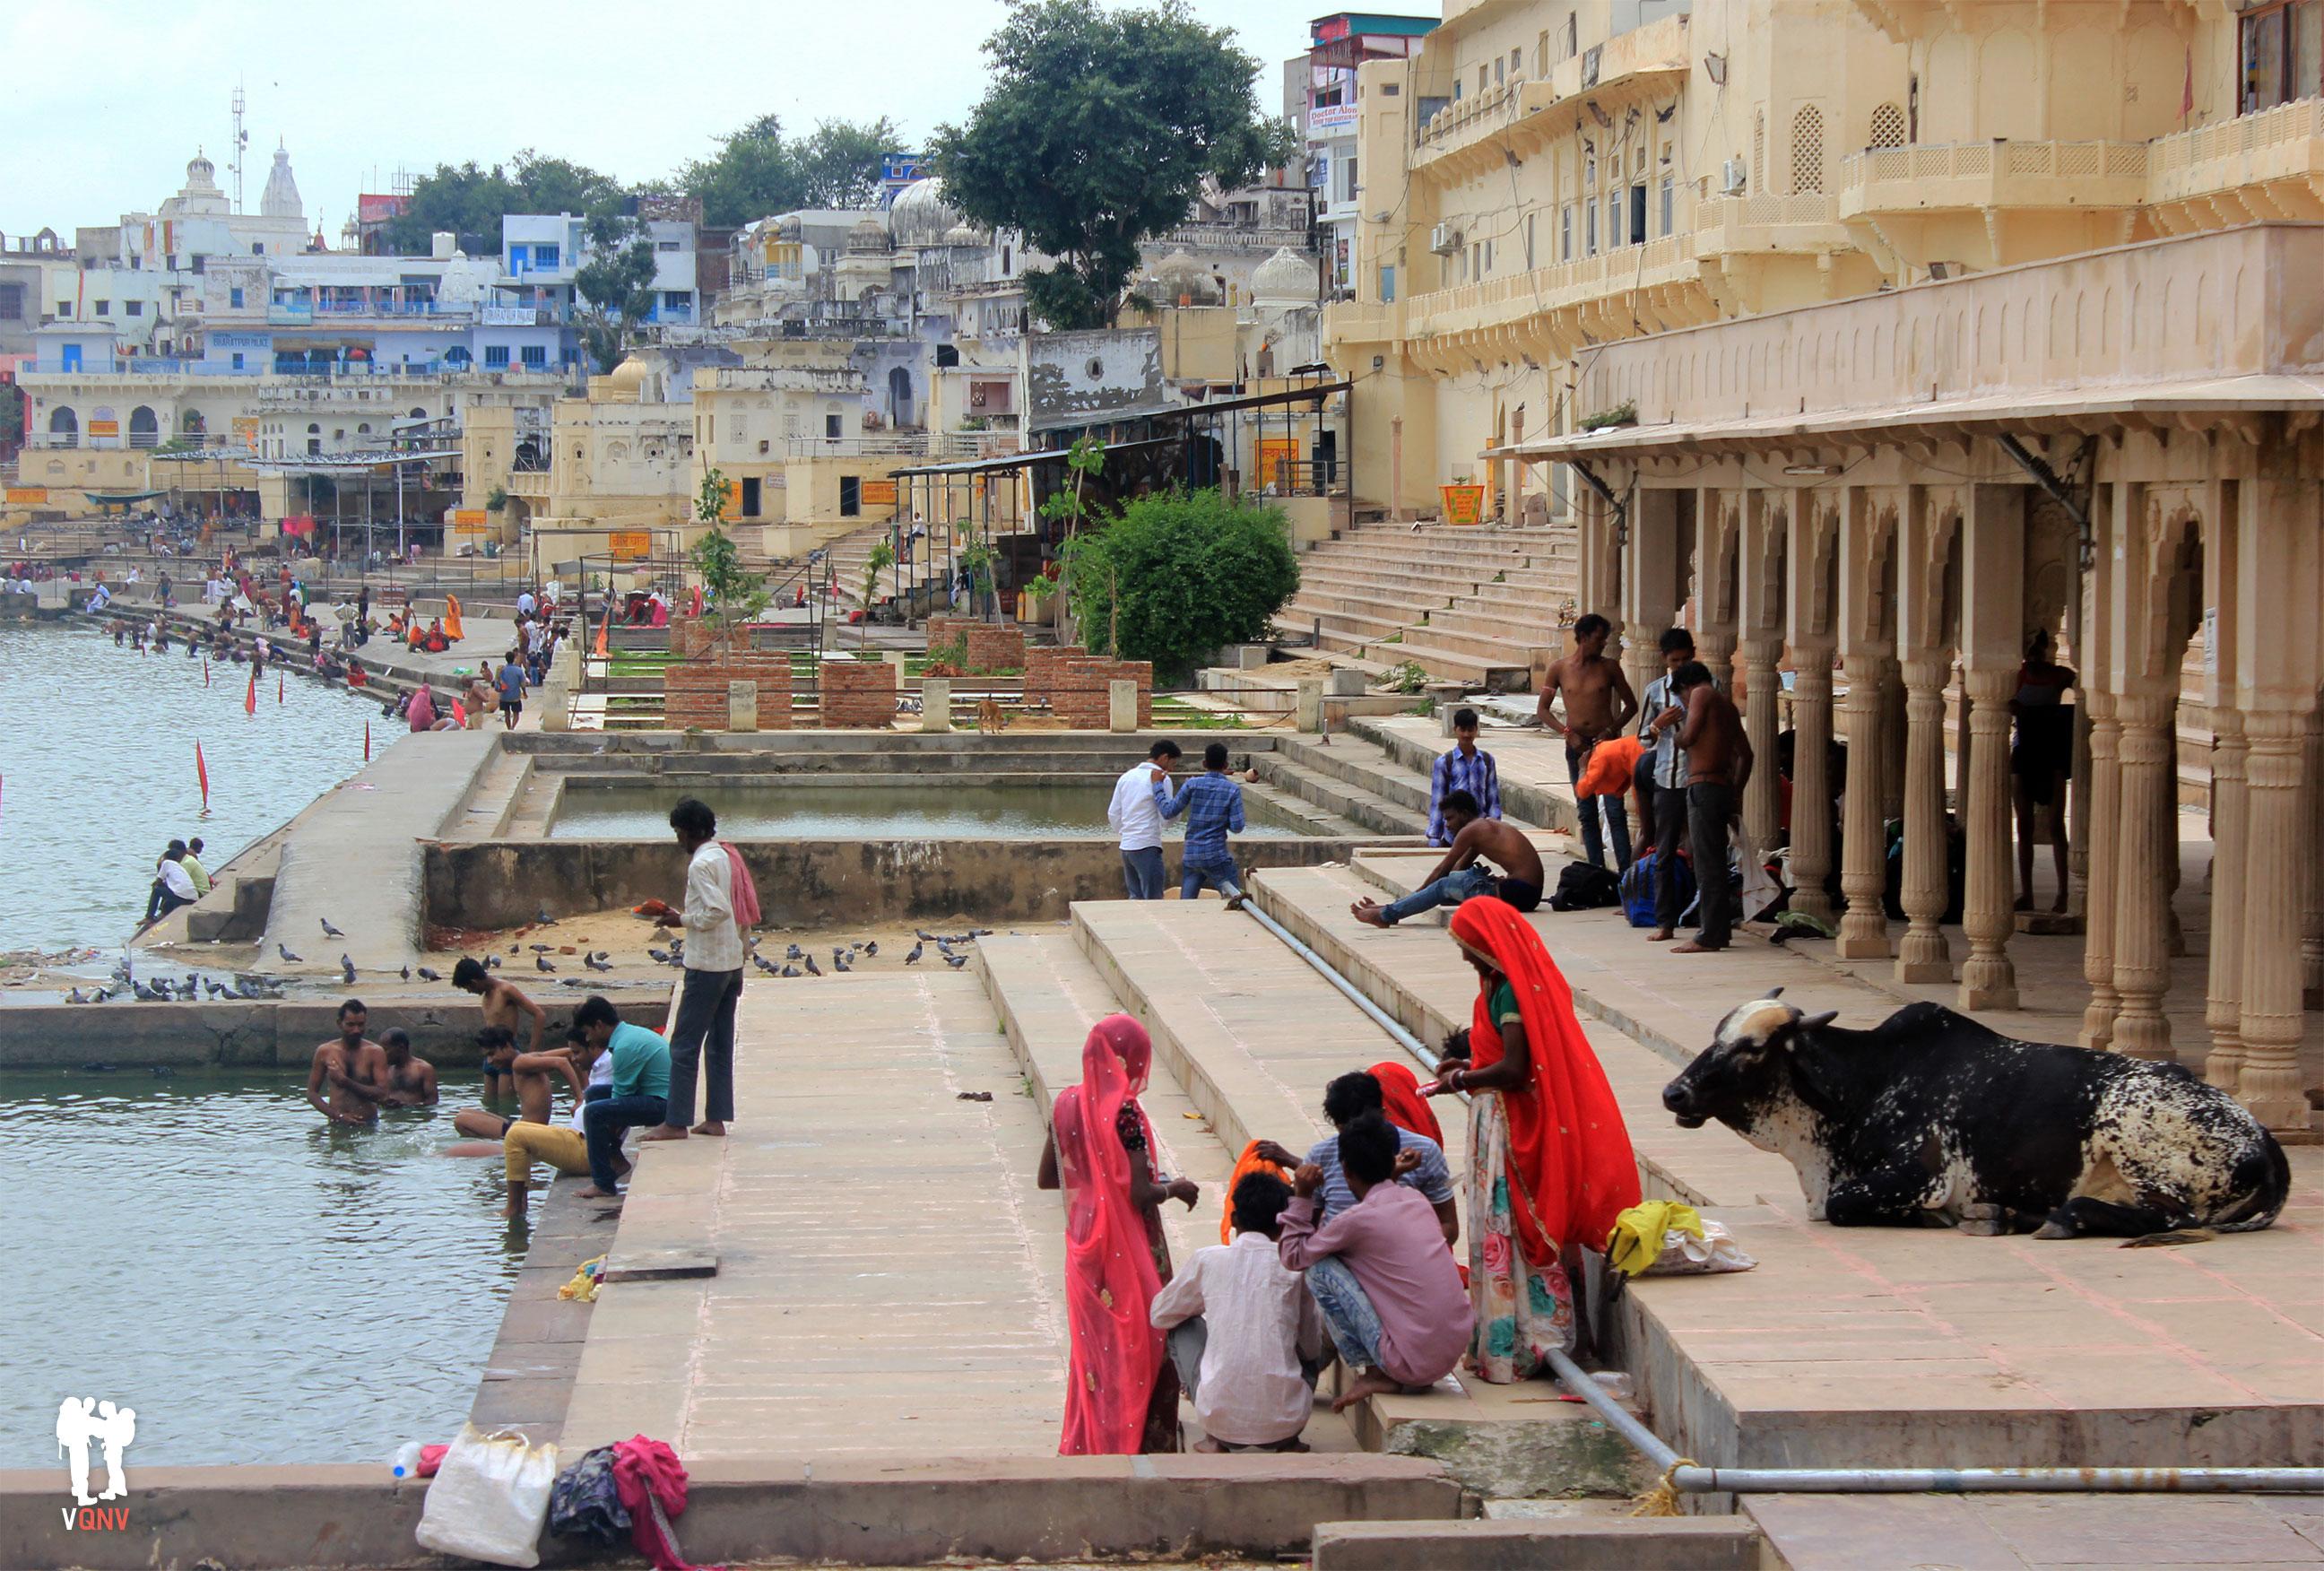 Ofrendas y purificaciones en los ghats del lago, Pushkar